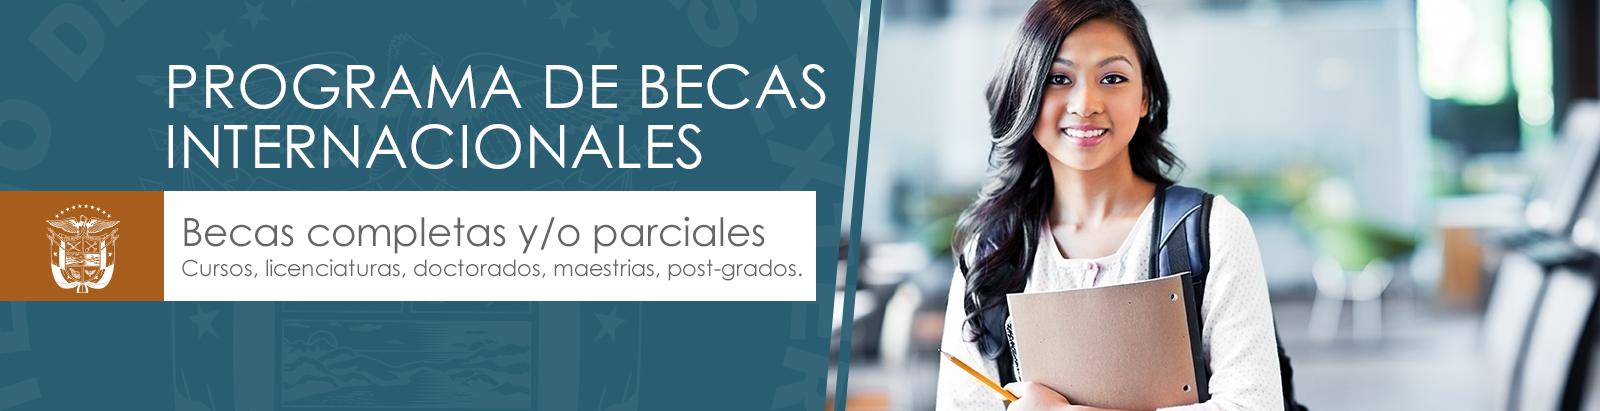 banner-becas1